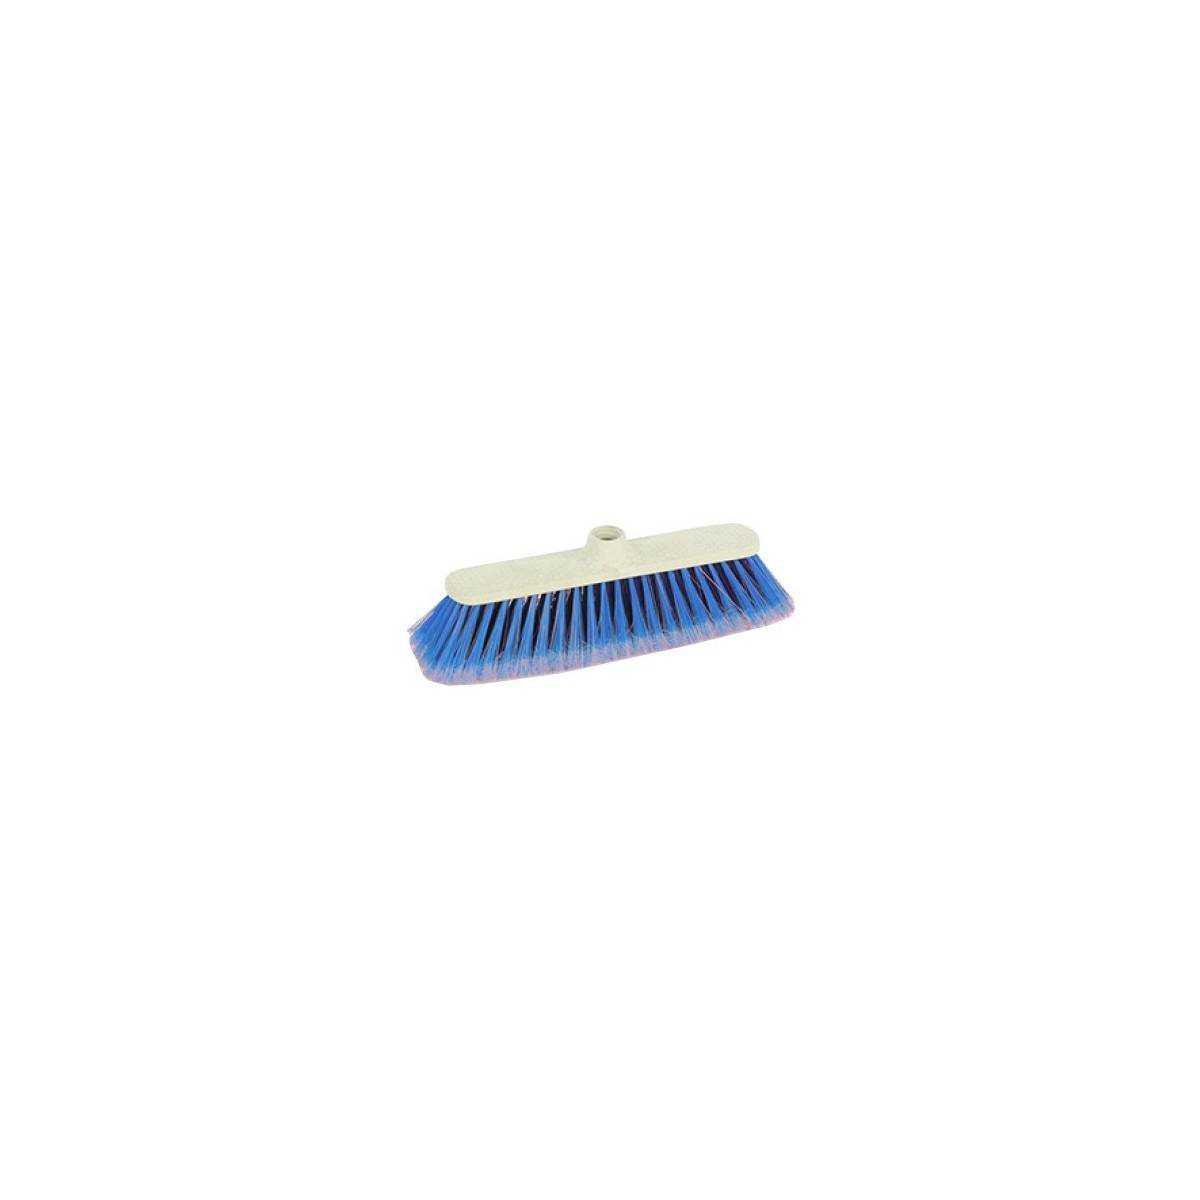 Щетка для пола поливинилхлорид 30см FRANCESINA (Синего цвета) 03.00280.0012 TTS